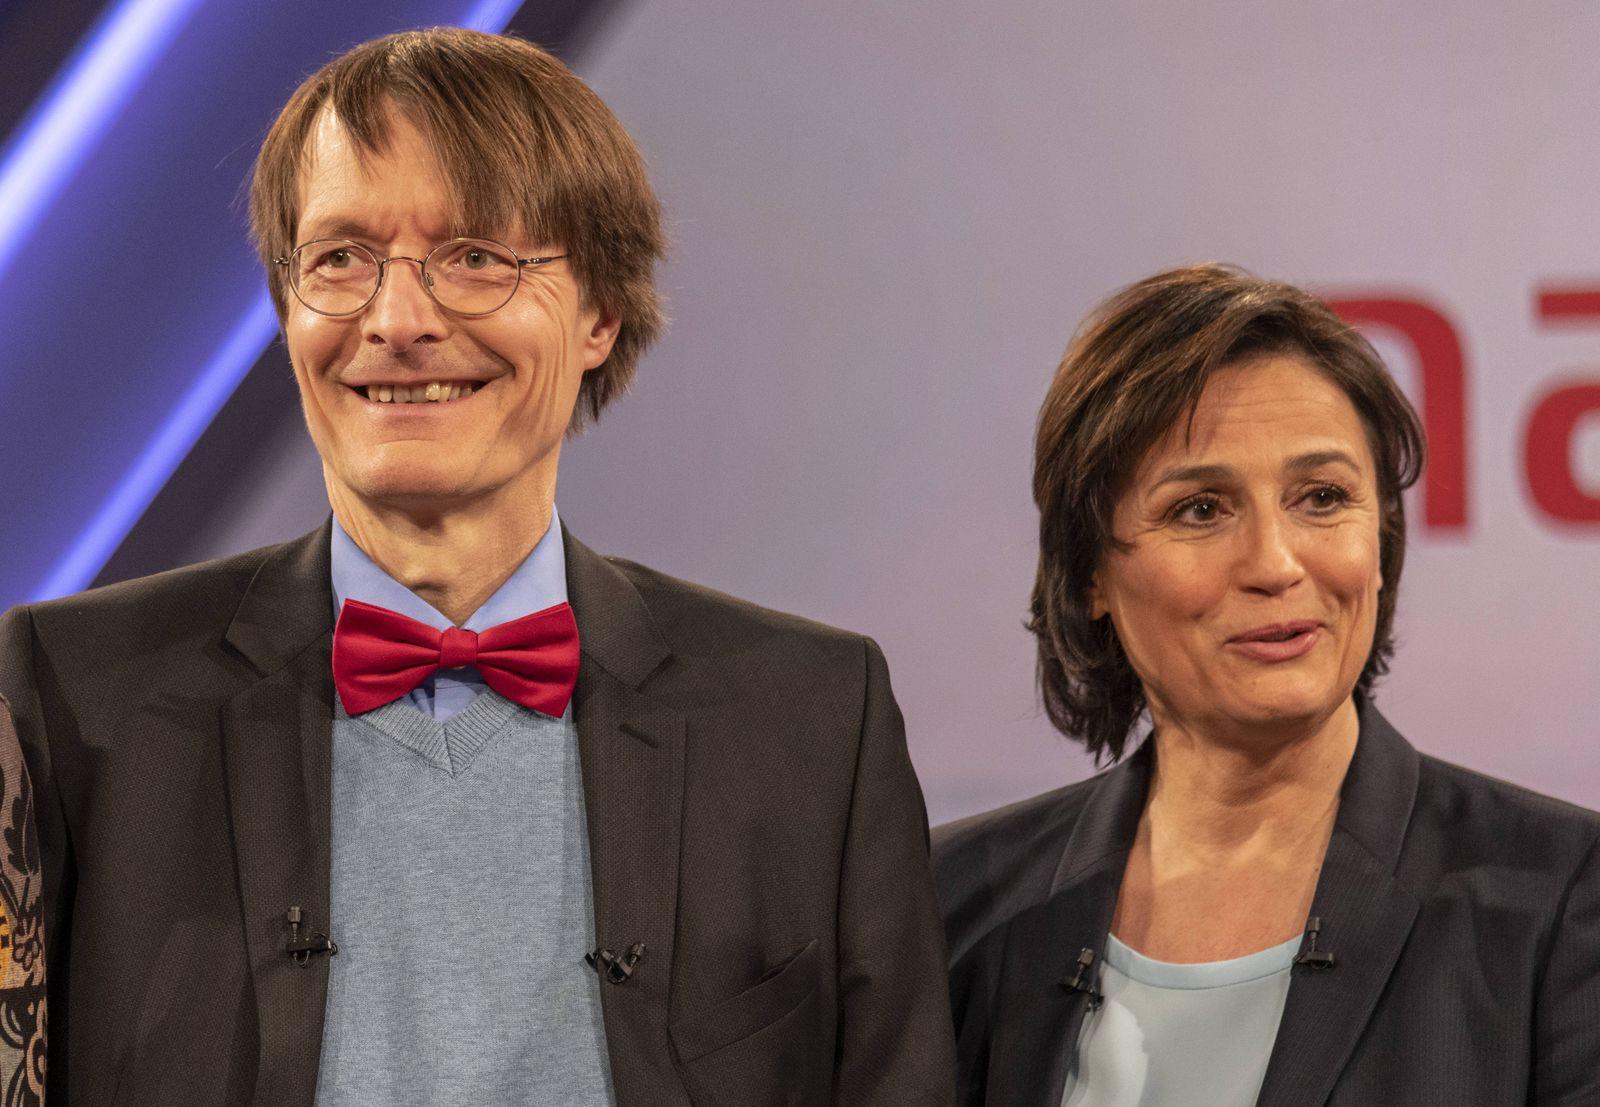 Misstrauen gegen Schulmedizin Wei?e Kittel nein danke Karl Lauterbach SPD Gesundheitspolitiker